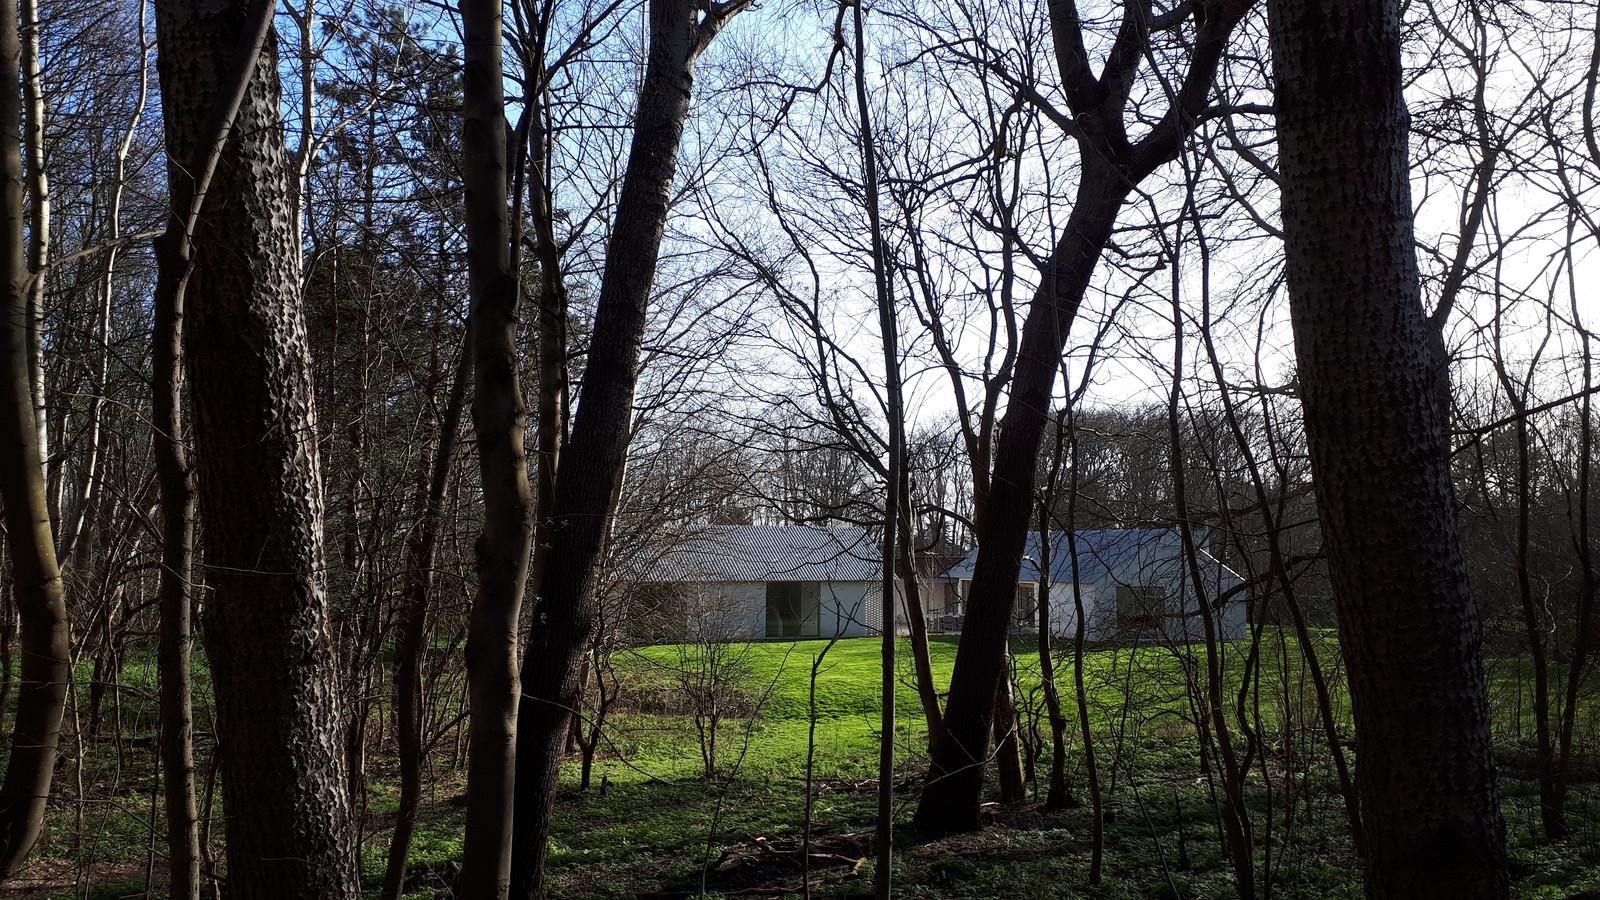 Het landhuis Coccinelle in de bossen bij Biggekerke. De gemeente Veere voert al jaren een juridische strijd tegen de eigenaren omdat zij het, tegen de regels aldus de gemeente, lang verhuurde aan recreanten.